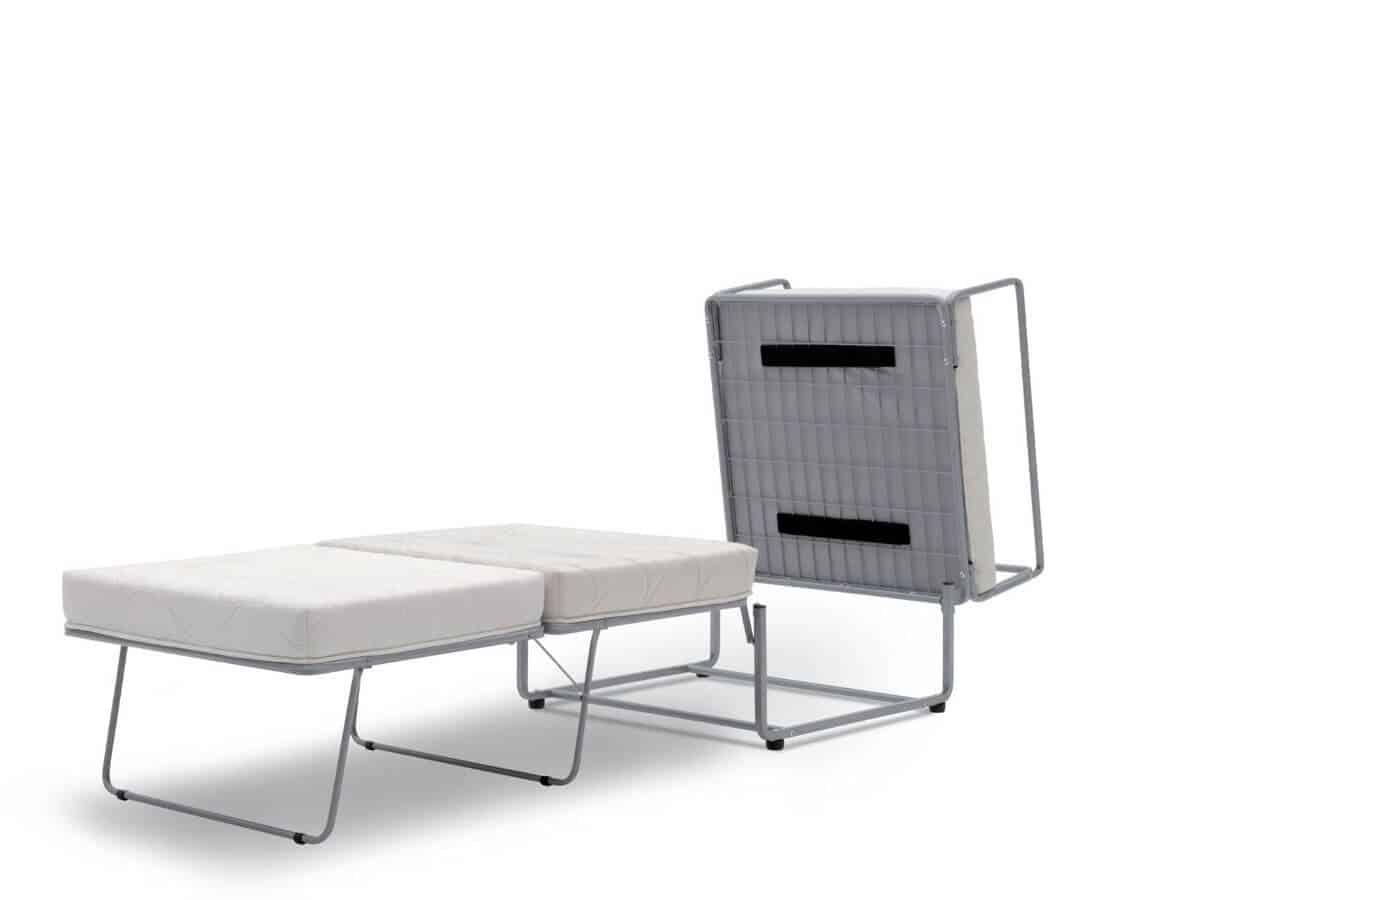 poltrone-letto-collezione-minnie-il-mobile (2)